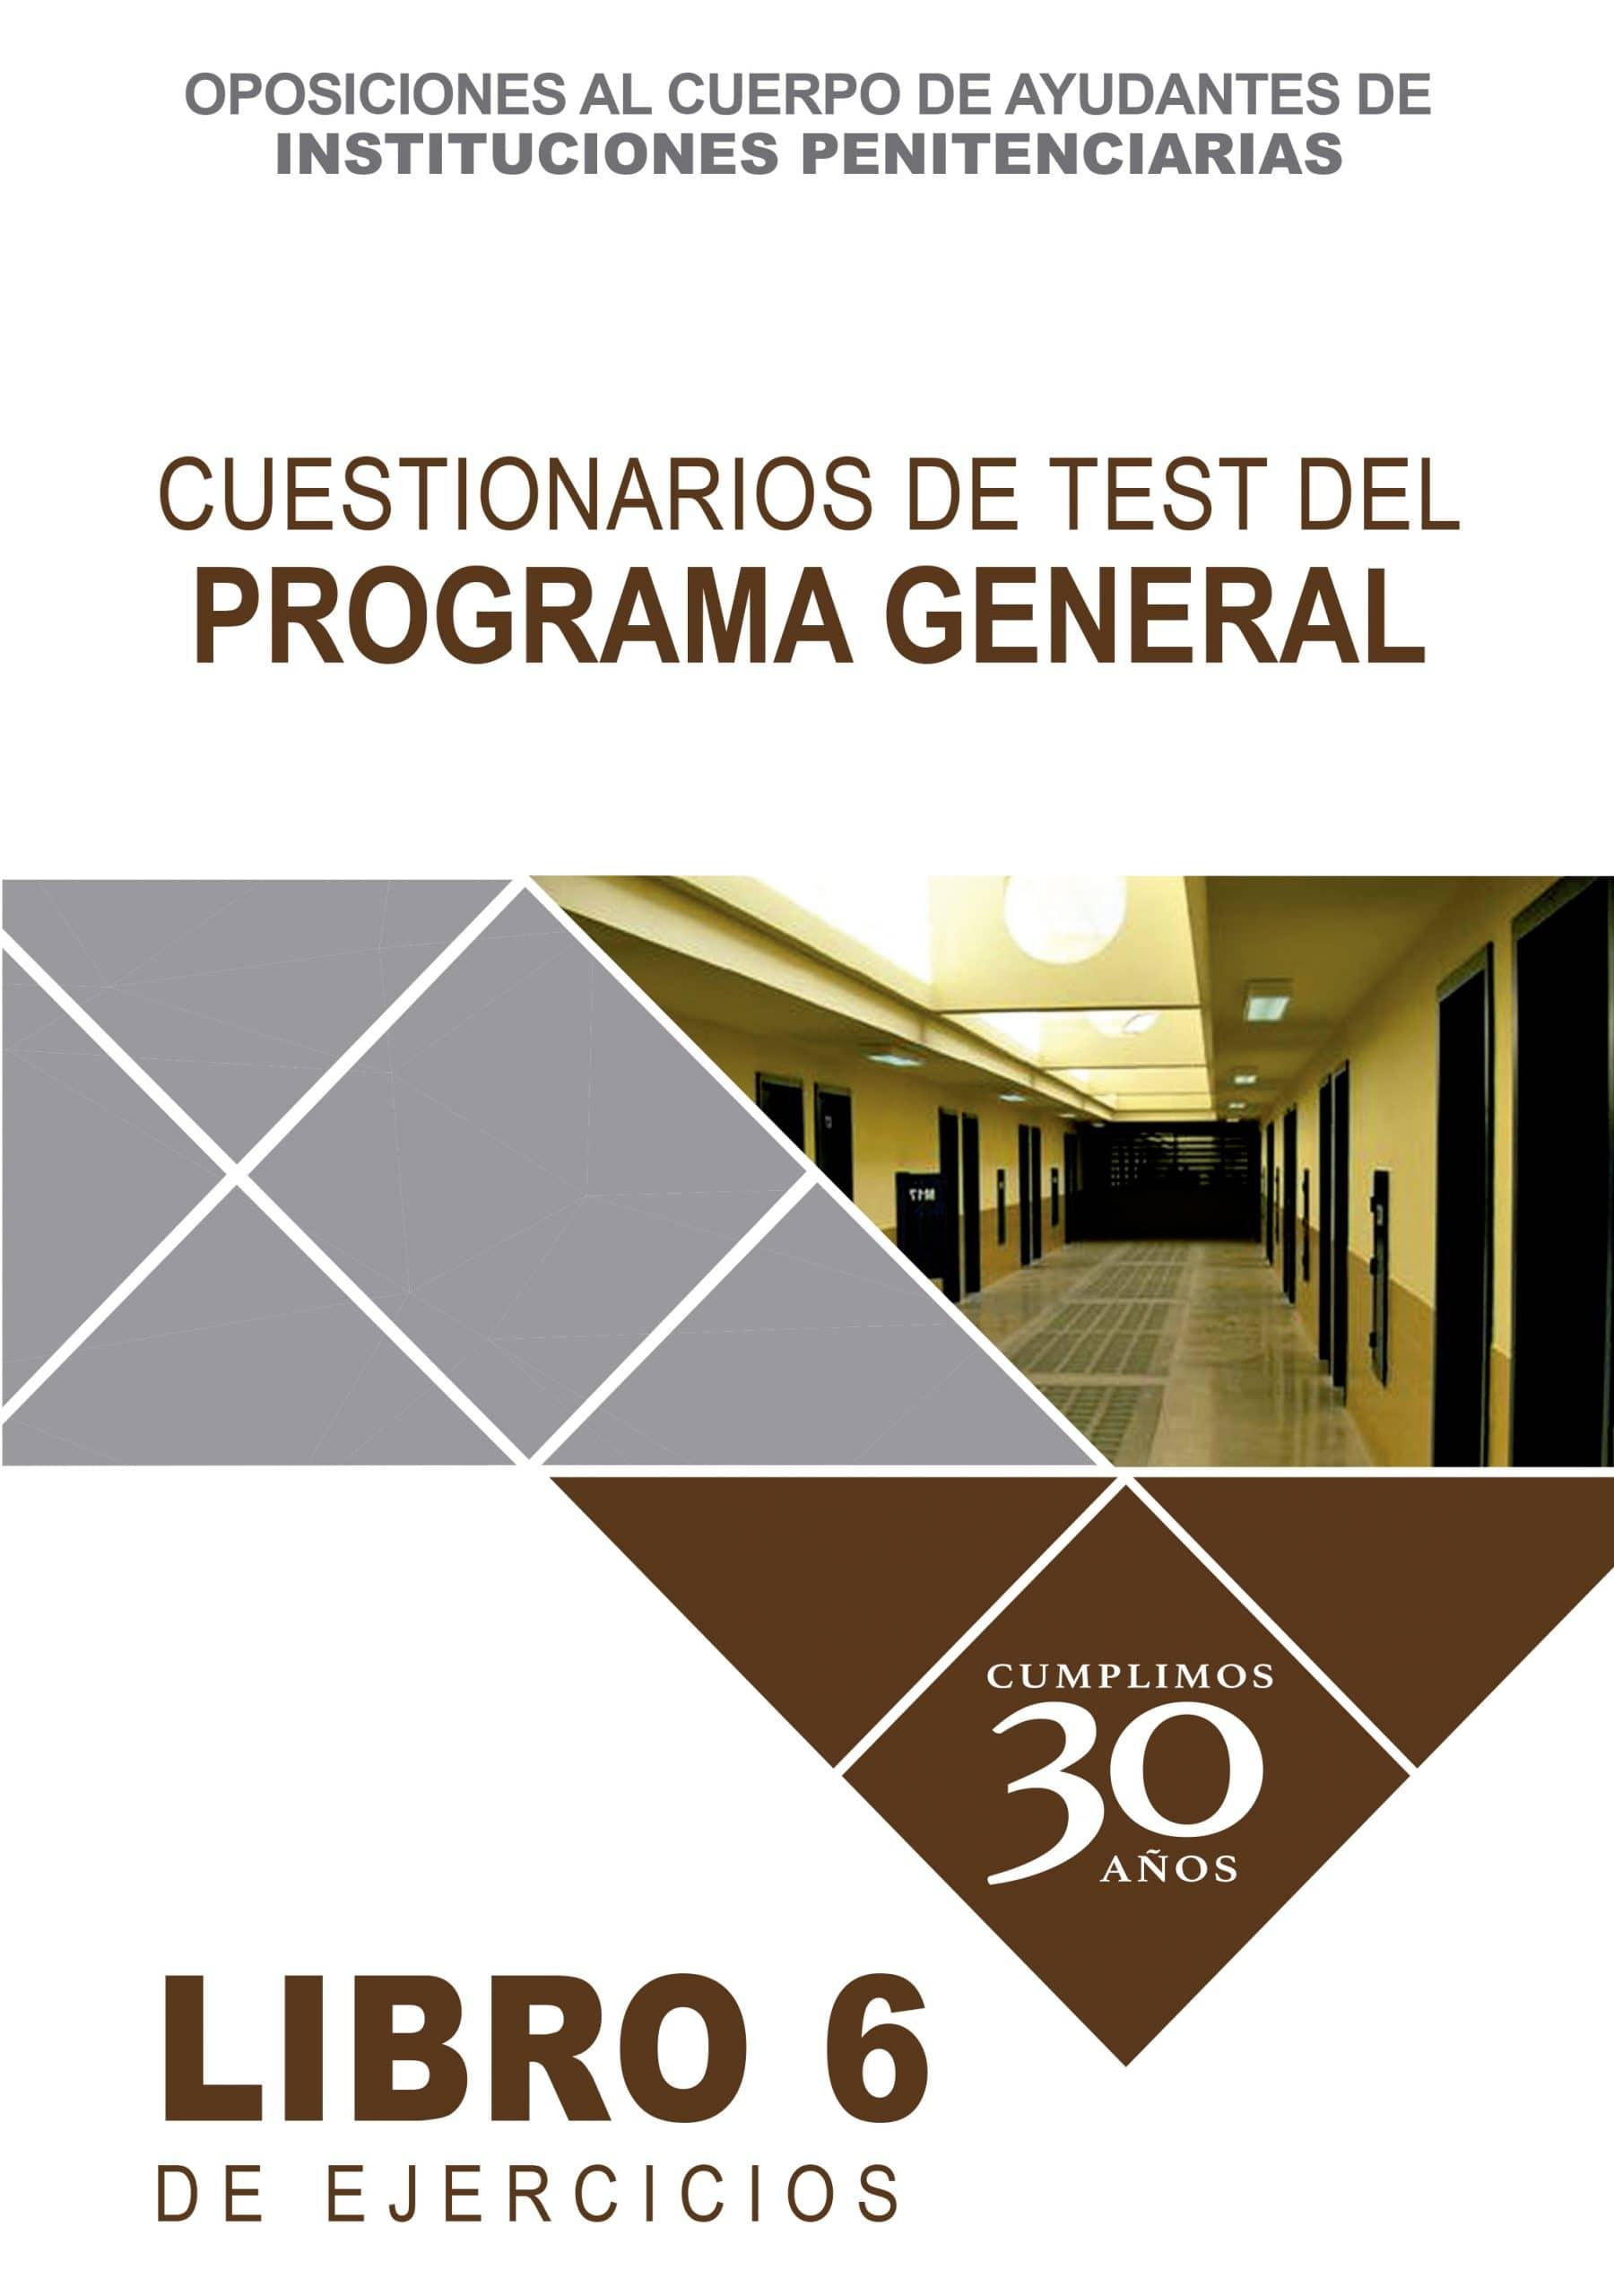 Cuestionario de Test del Programa General.